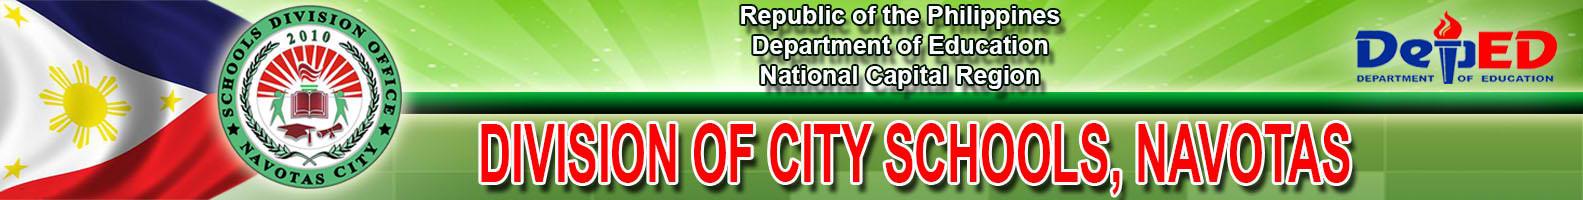 Division of City Schools Navotas